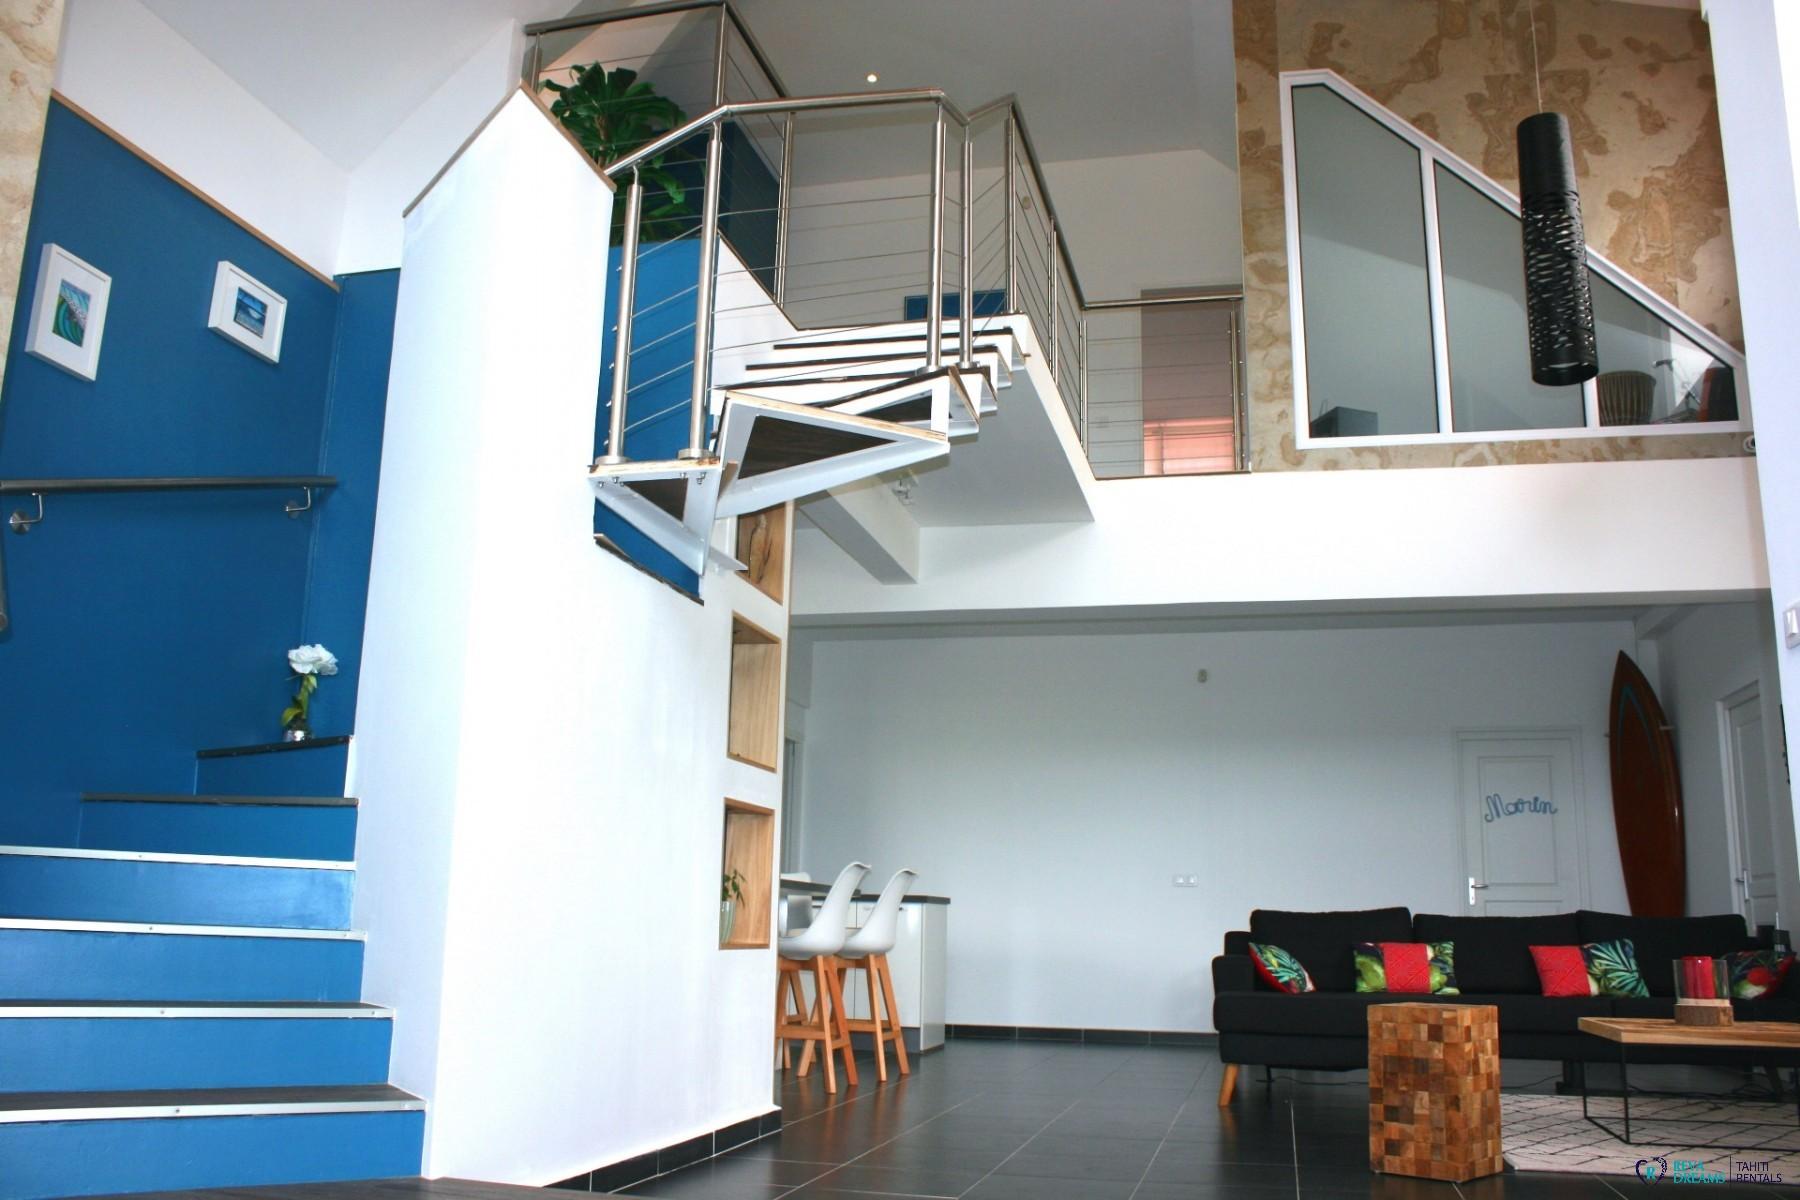 TAHITI   Loft Calypso Pirae | Appartement. Spacieux Salon Duplex Avec Des  Intérieurs Modernes Et élégants. Parfait Pour Des Vacances En Polynésie ...